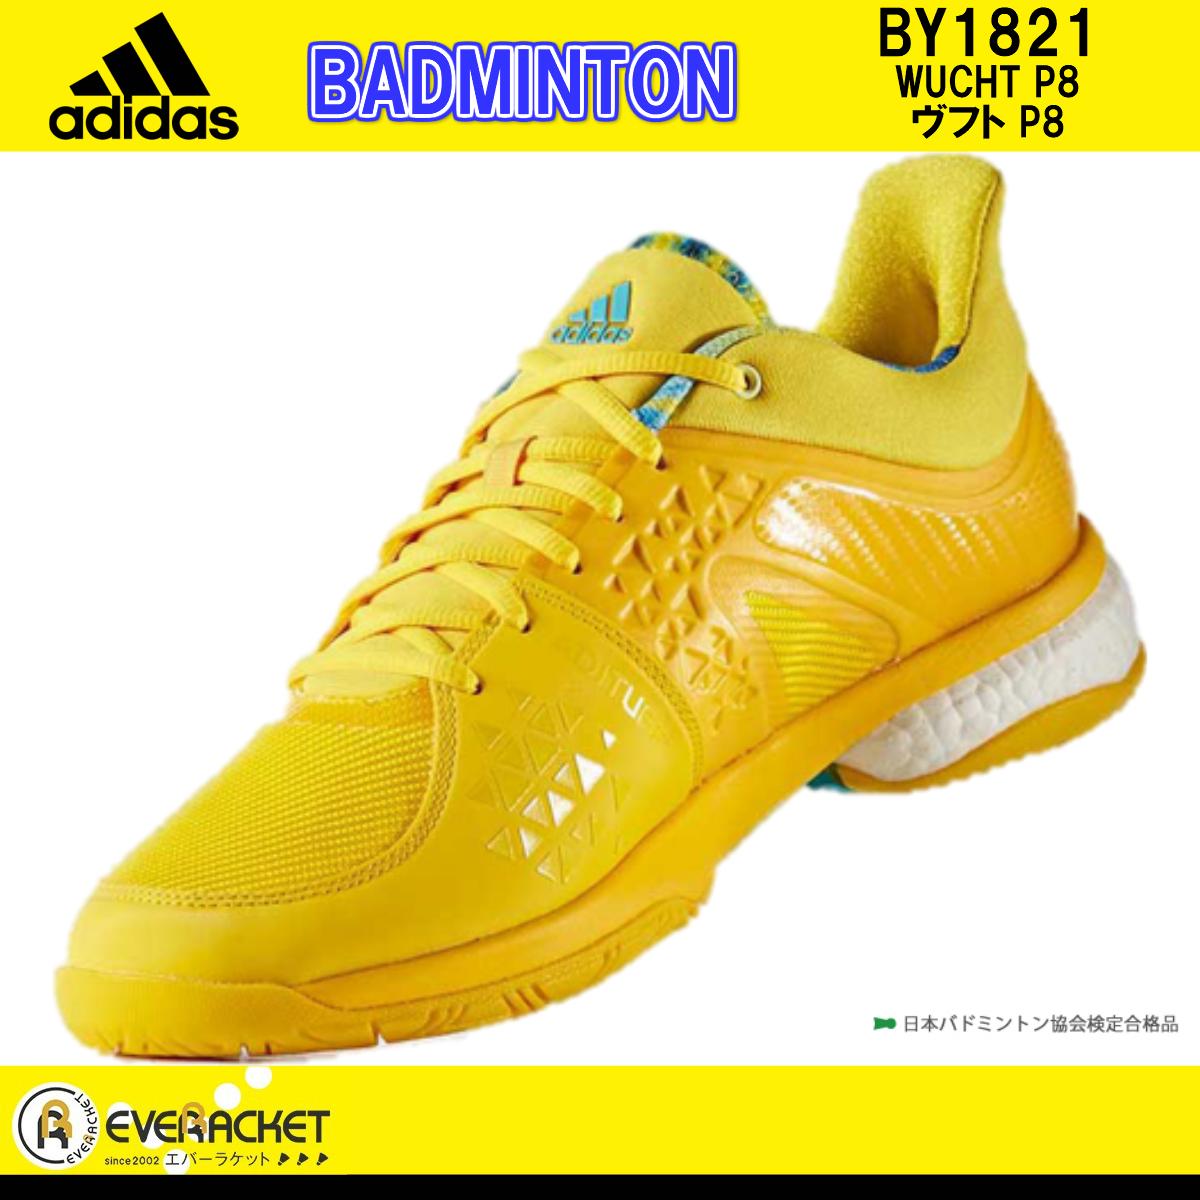 【お買い得商品】 adidas アディダススリービー ラケットスポーツジャパン バドミントン バドミントンシューズ ヴフトP8 BY1821